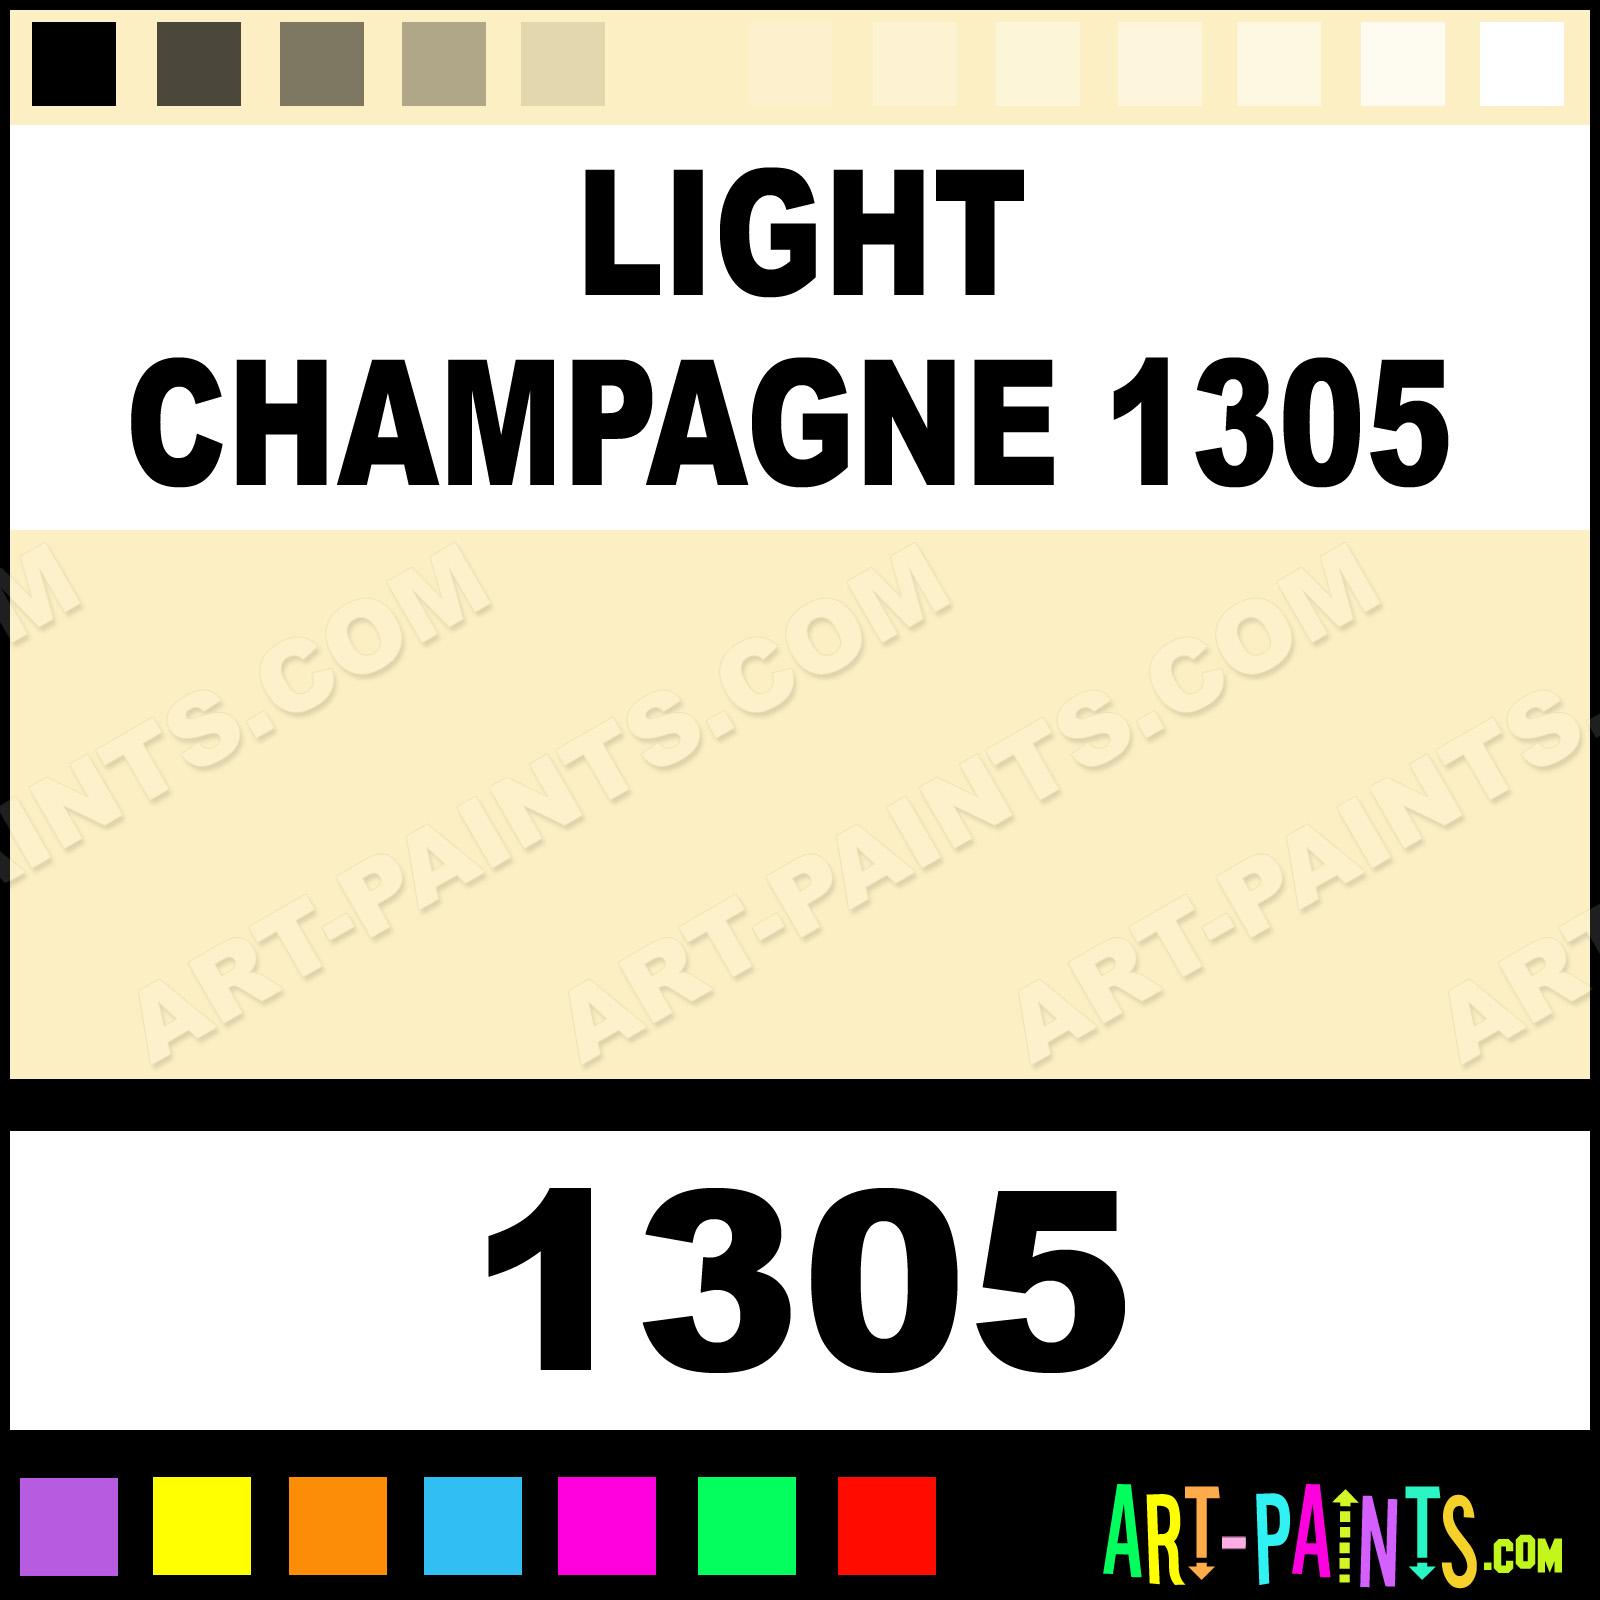 Light Champagne 1305 Synthetic Enamel Paints - 1305 - Light Champagne 1305  Paint, Light Champagne 1305 Color, Aksan Synthetic Paint, FCEFC3 -  Art-Paints.com